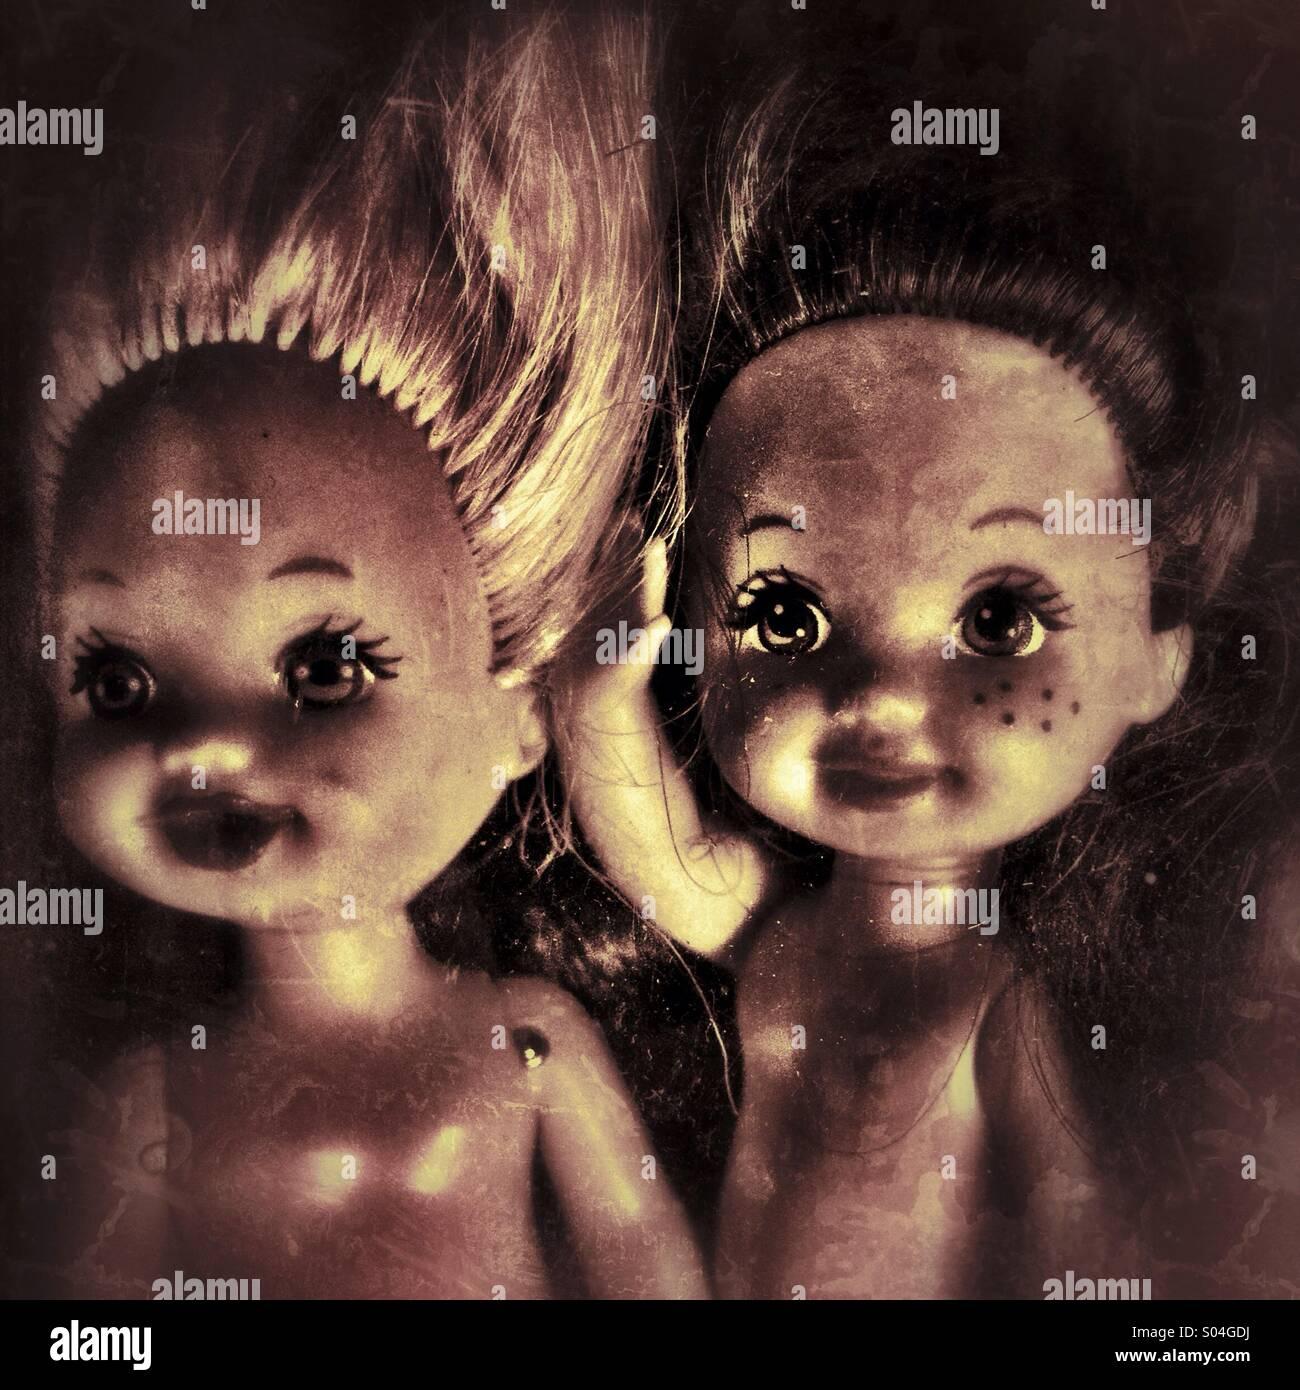 Creepy pequeña muñecas Imagen De Stock